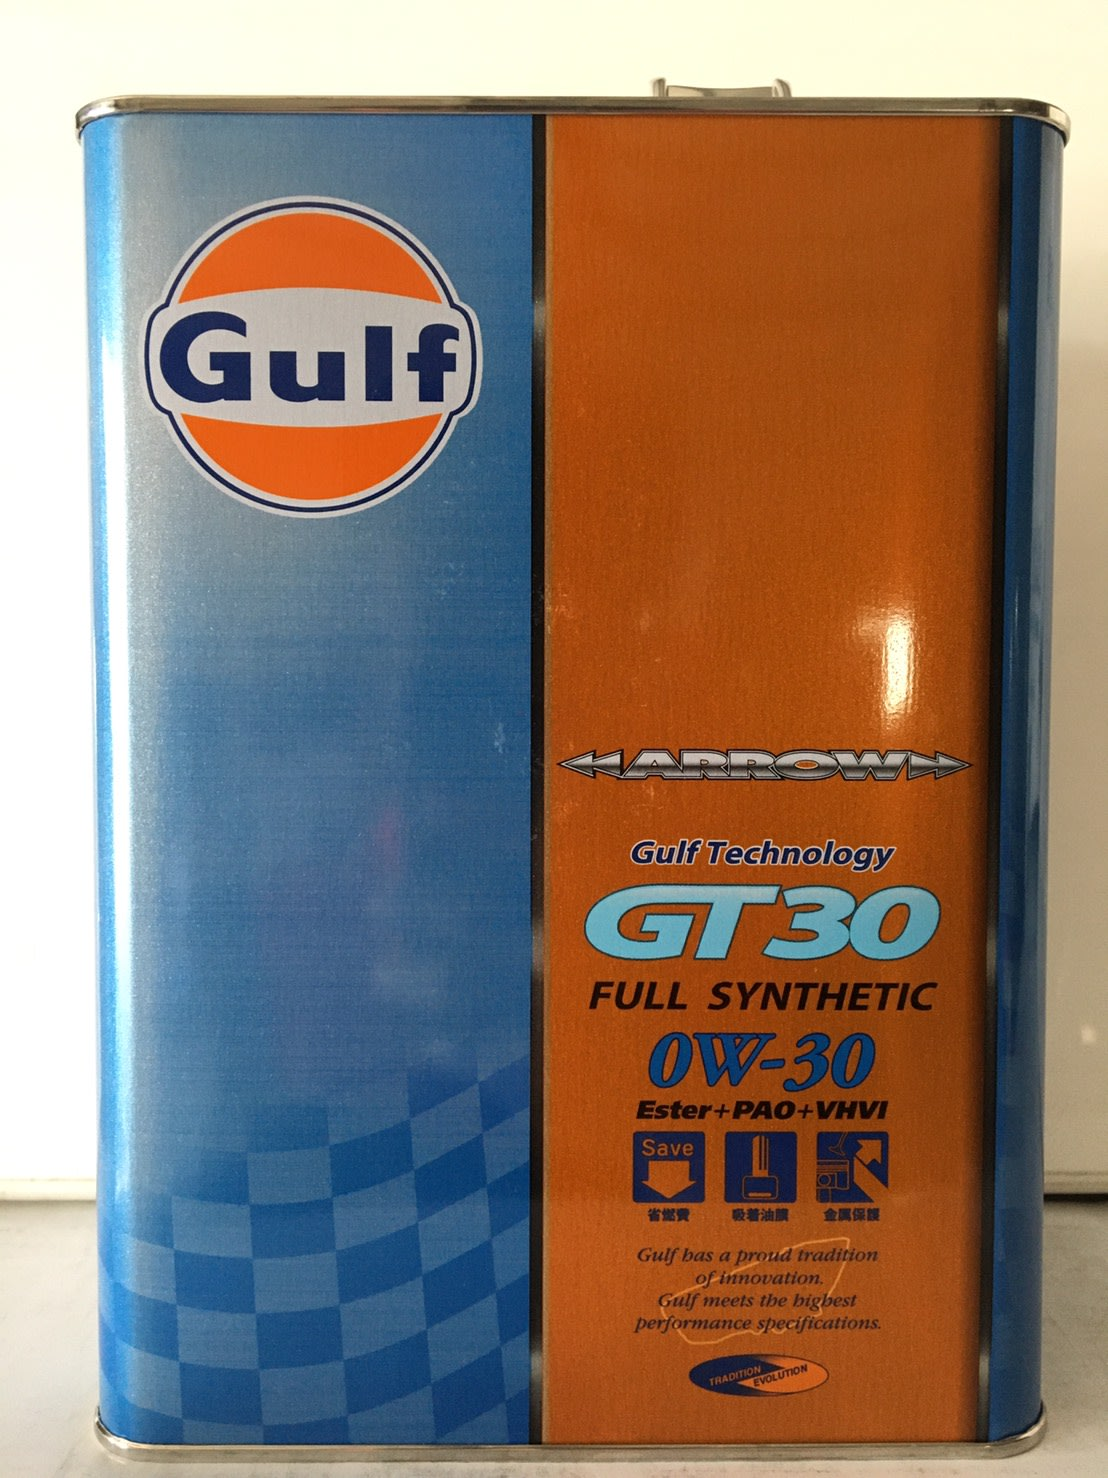 《 油品家 》GULF ARROW GT30 0w30全合成酯類機油 Ester+PAO+VHVI(含稅附發票)